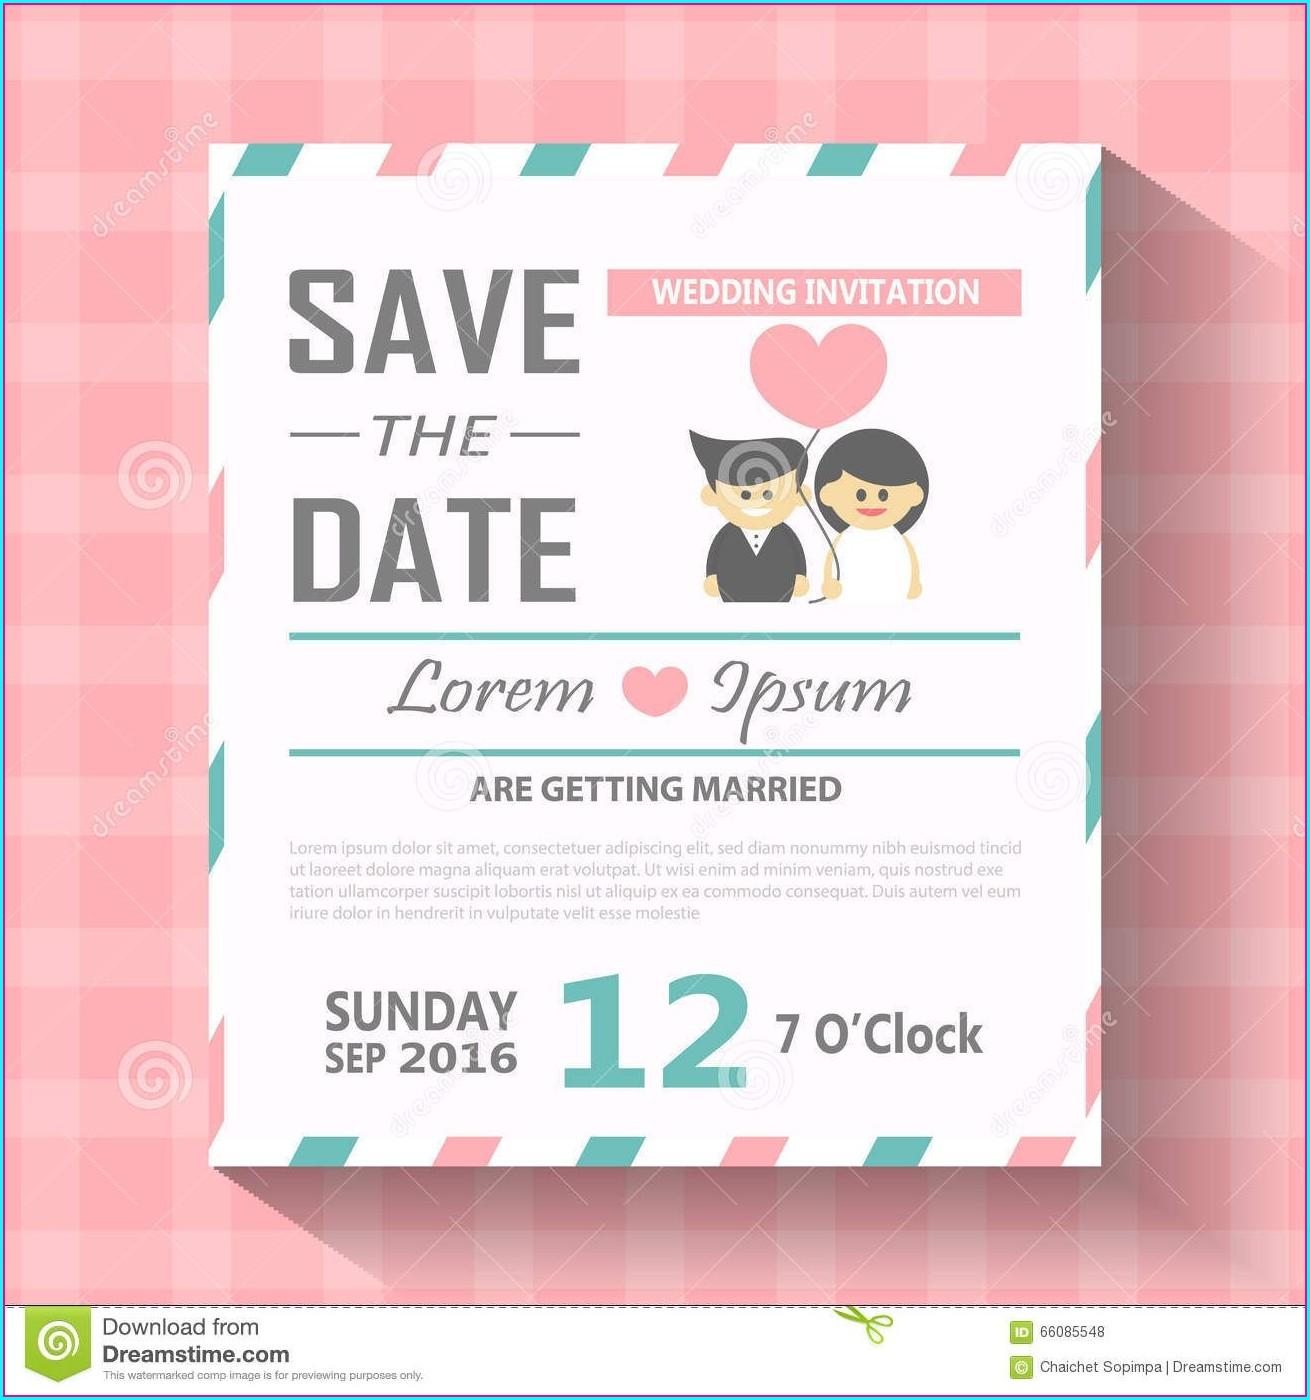 Editable Free Wedding Invitation Templates